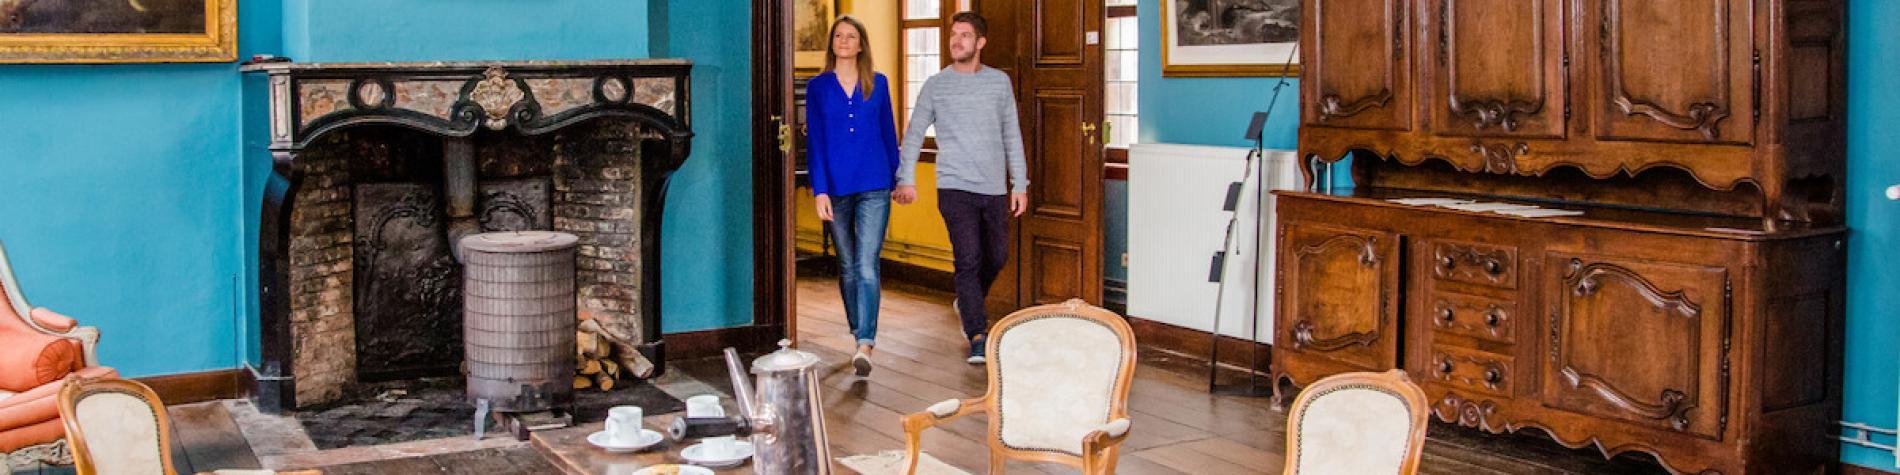 Partenaire WBT Média - presse Château Couple jeune Cible Lavaux-Sainte-Anne